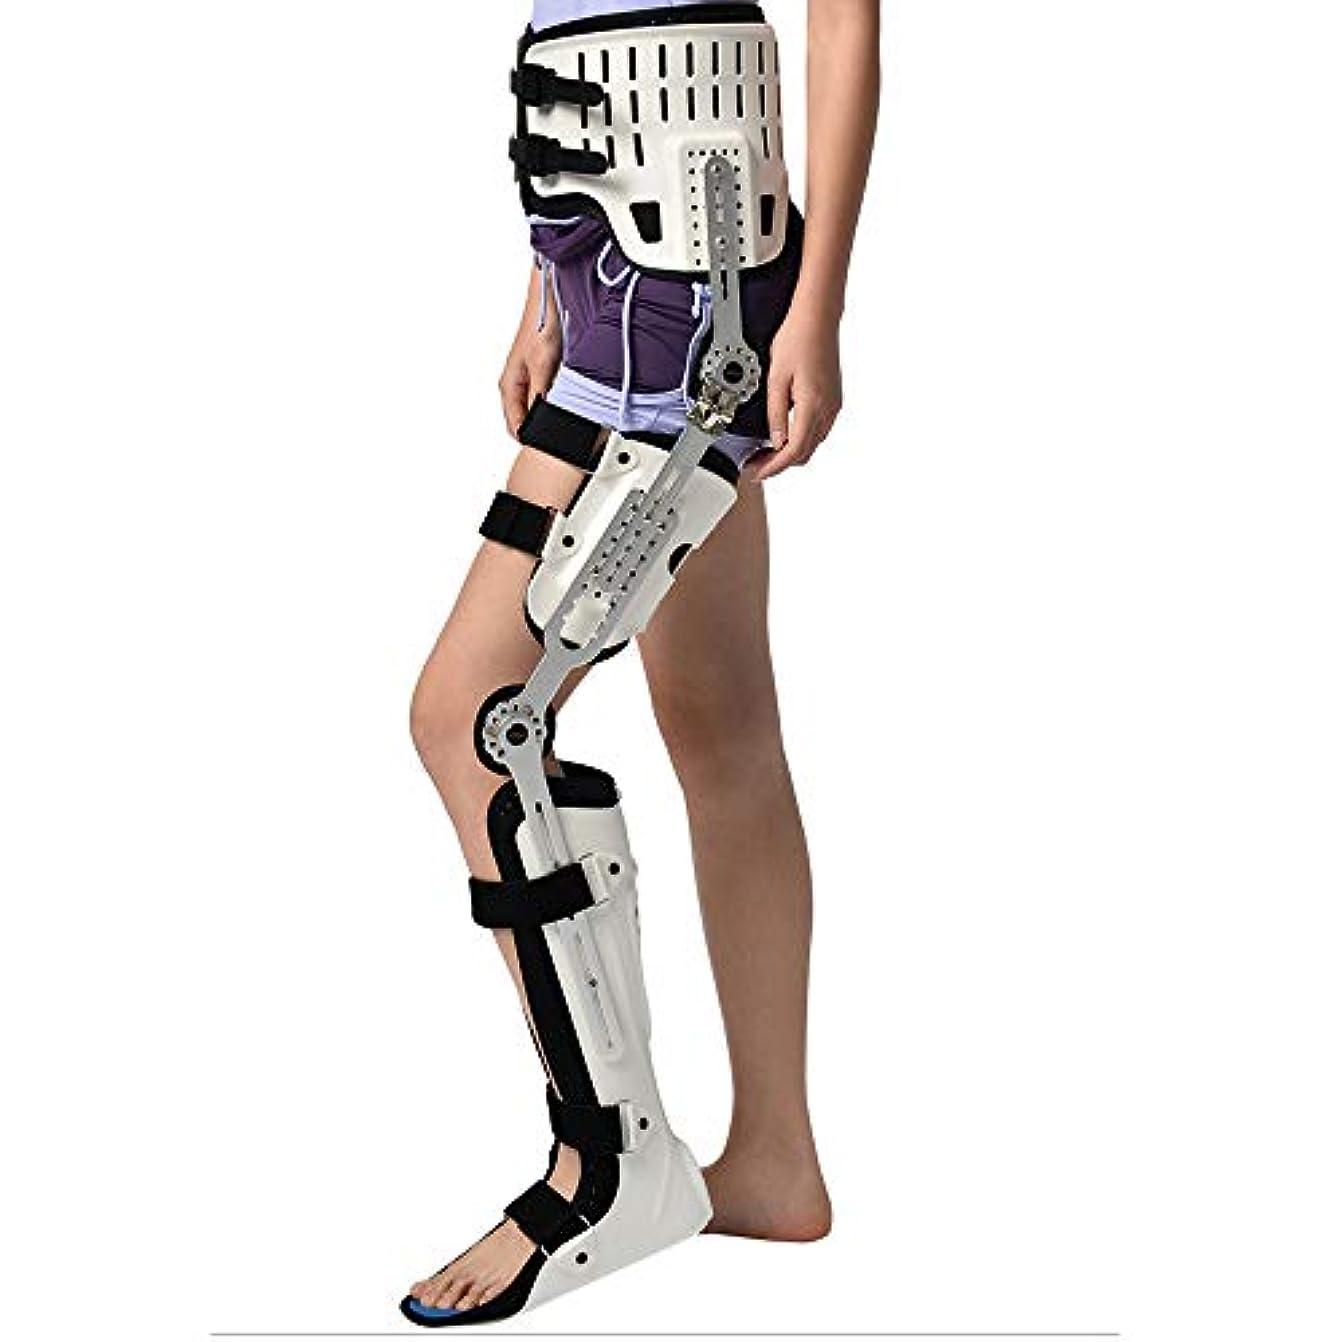 股関節外転ブレース、股関節スタビライザーコレクターサポートブレース、調節可能な太もも膝足首足装具